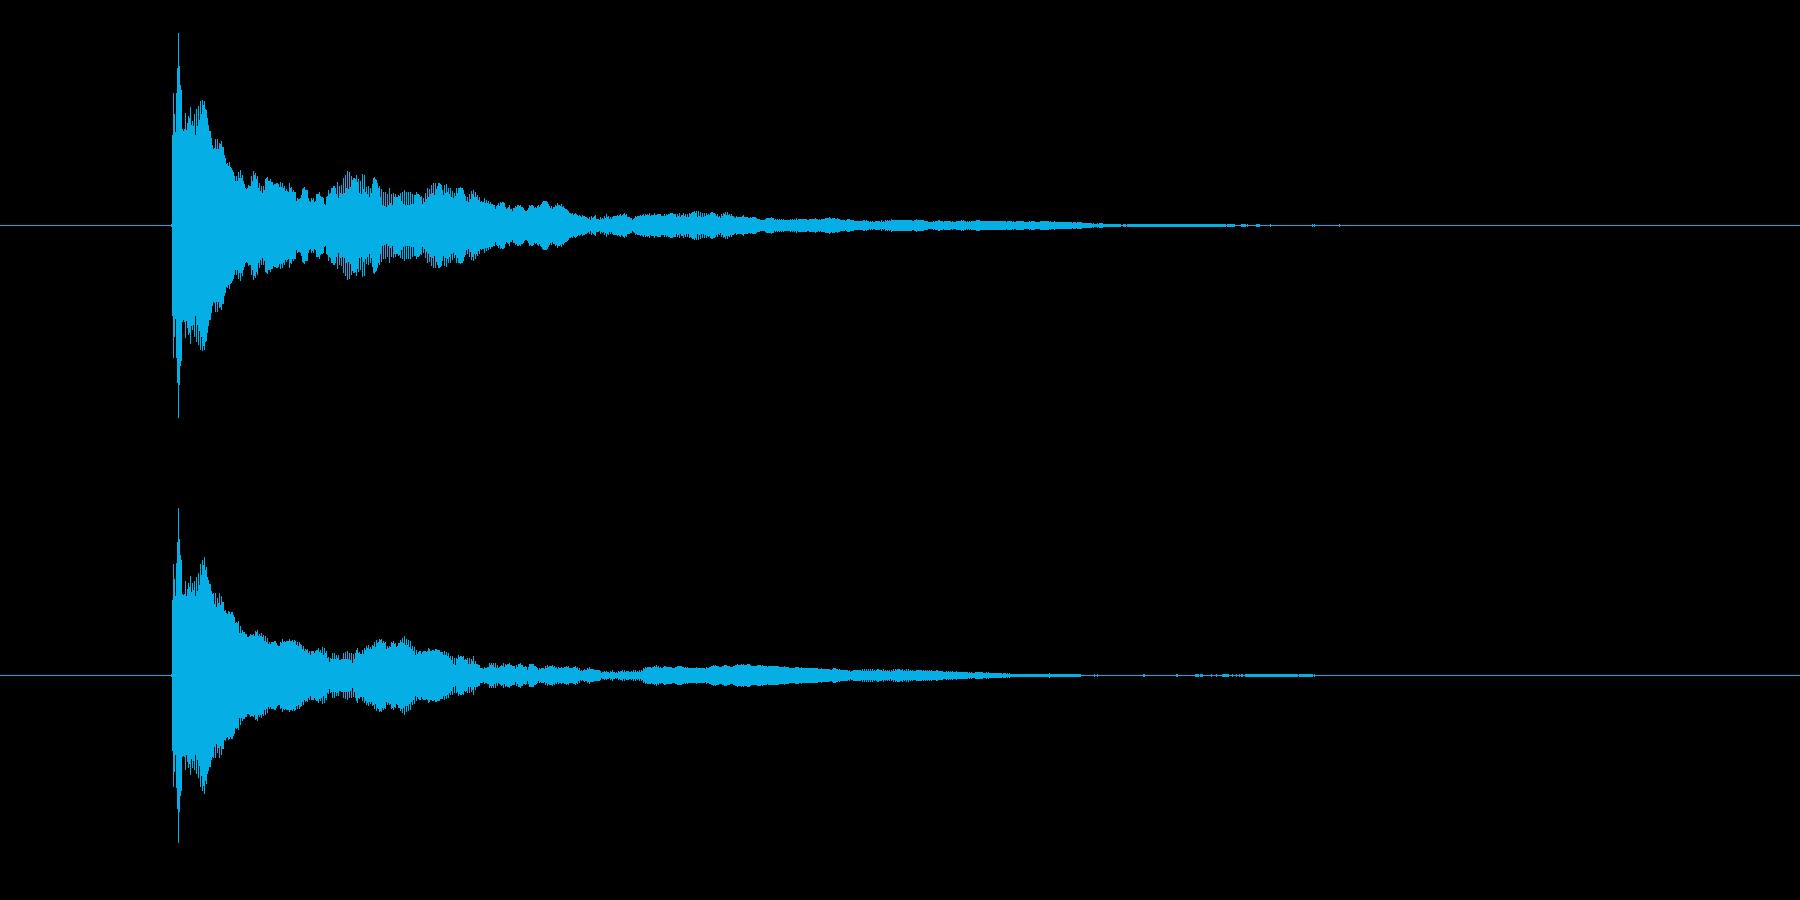 ポーン(物が跳ねる音)の再生済みの波形